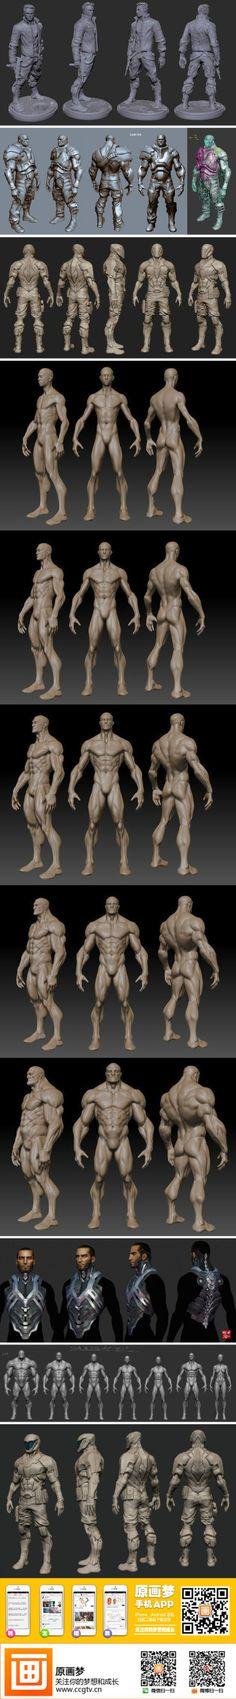 【基础教材】游戏中的男性人体结构素材参考...